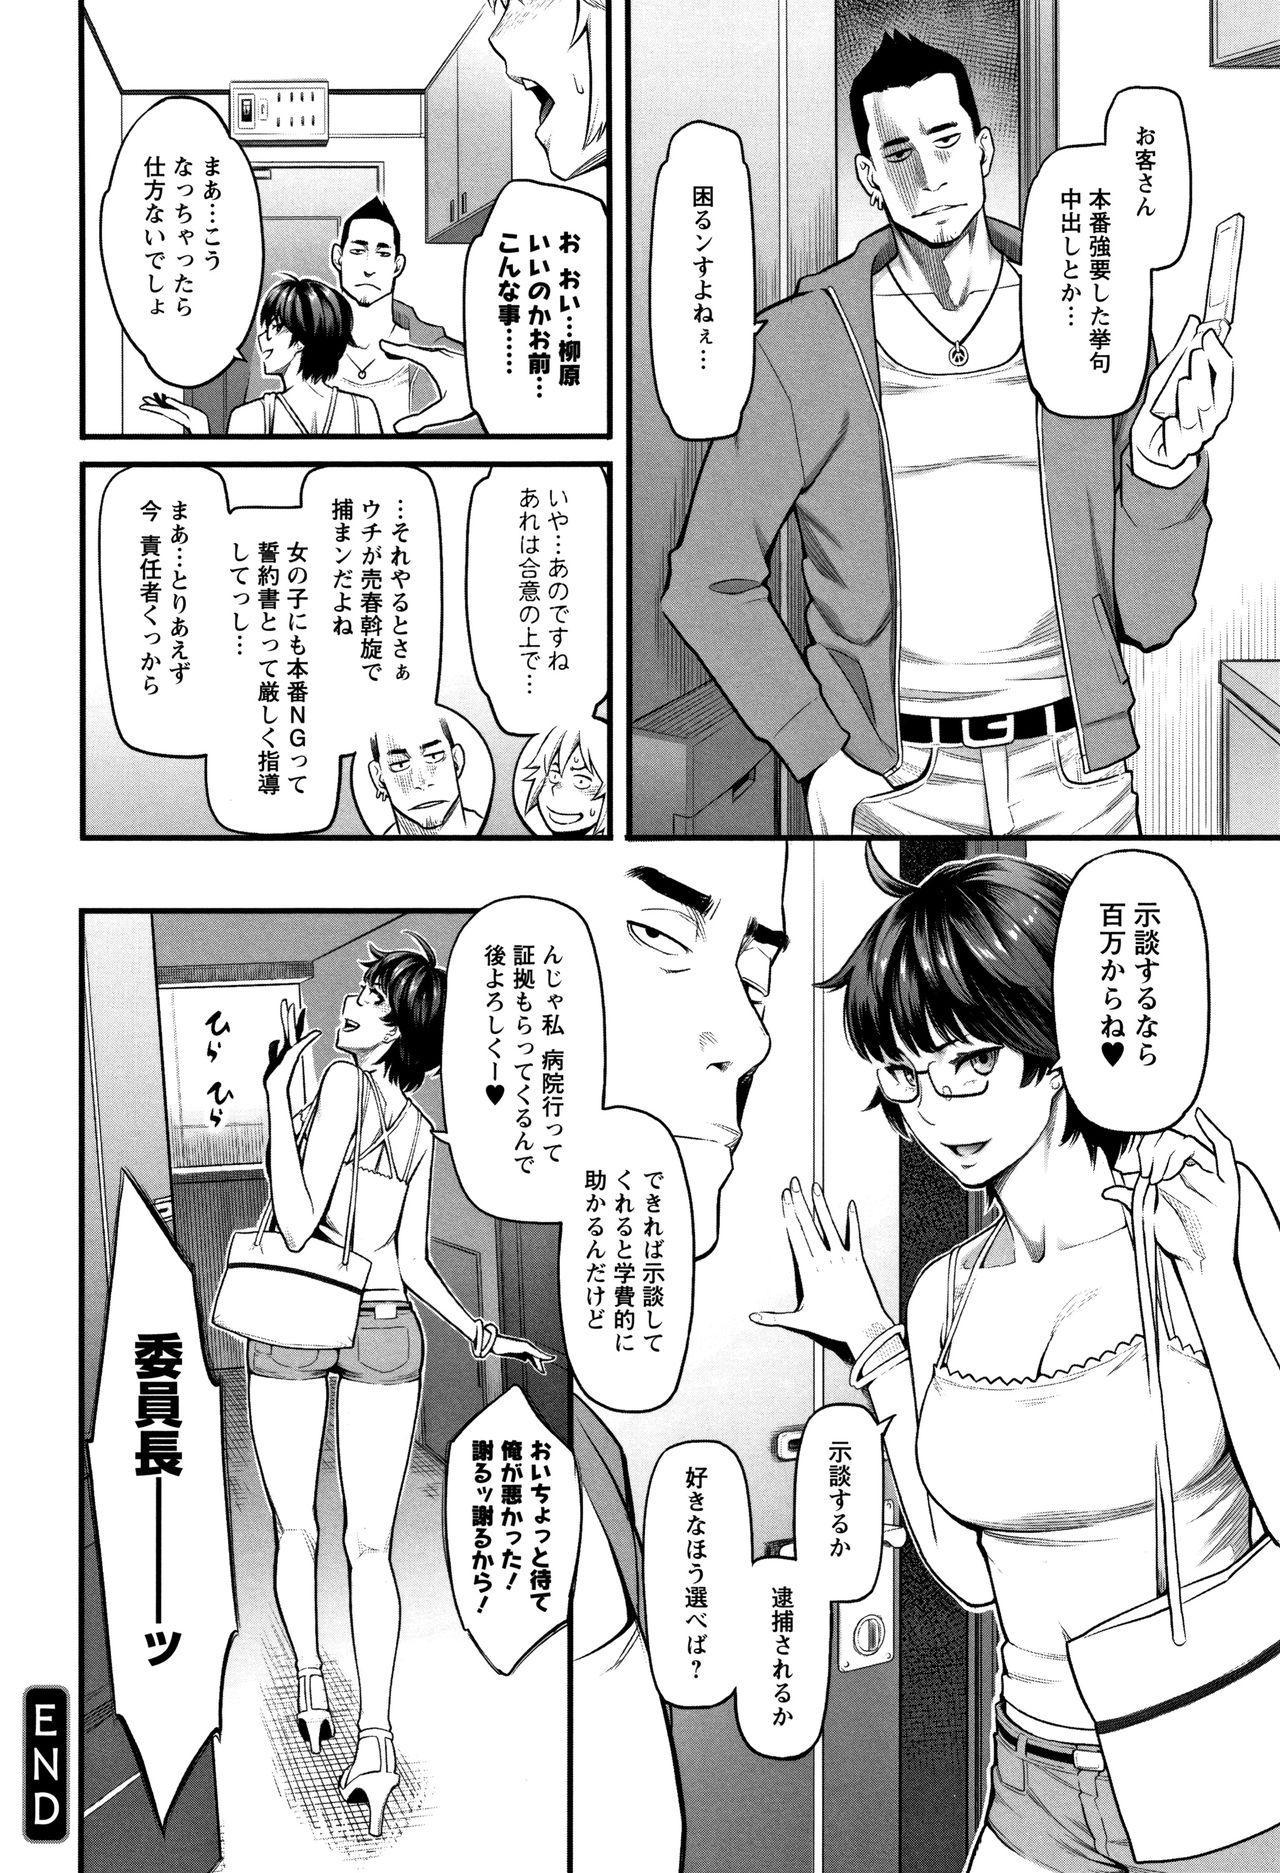 Toketa Risei wa Biyaku no Kaori 78